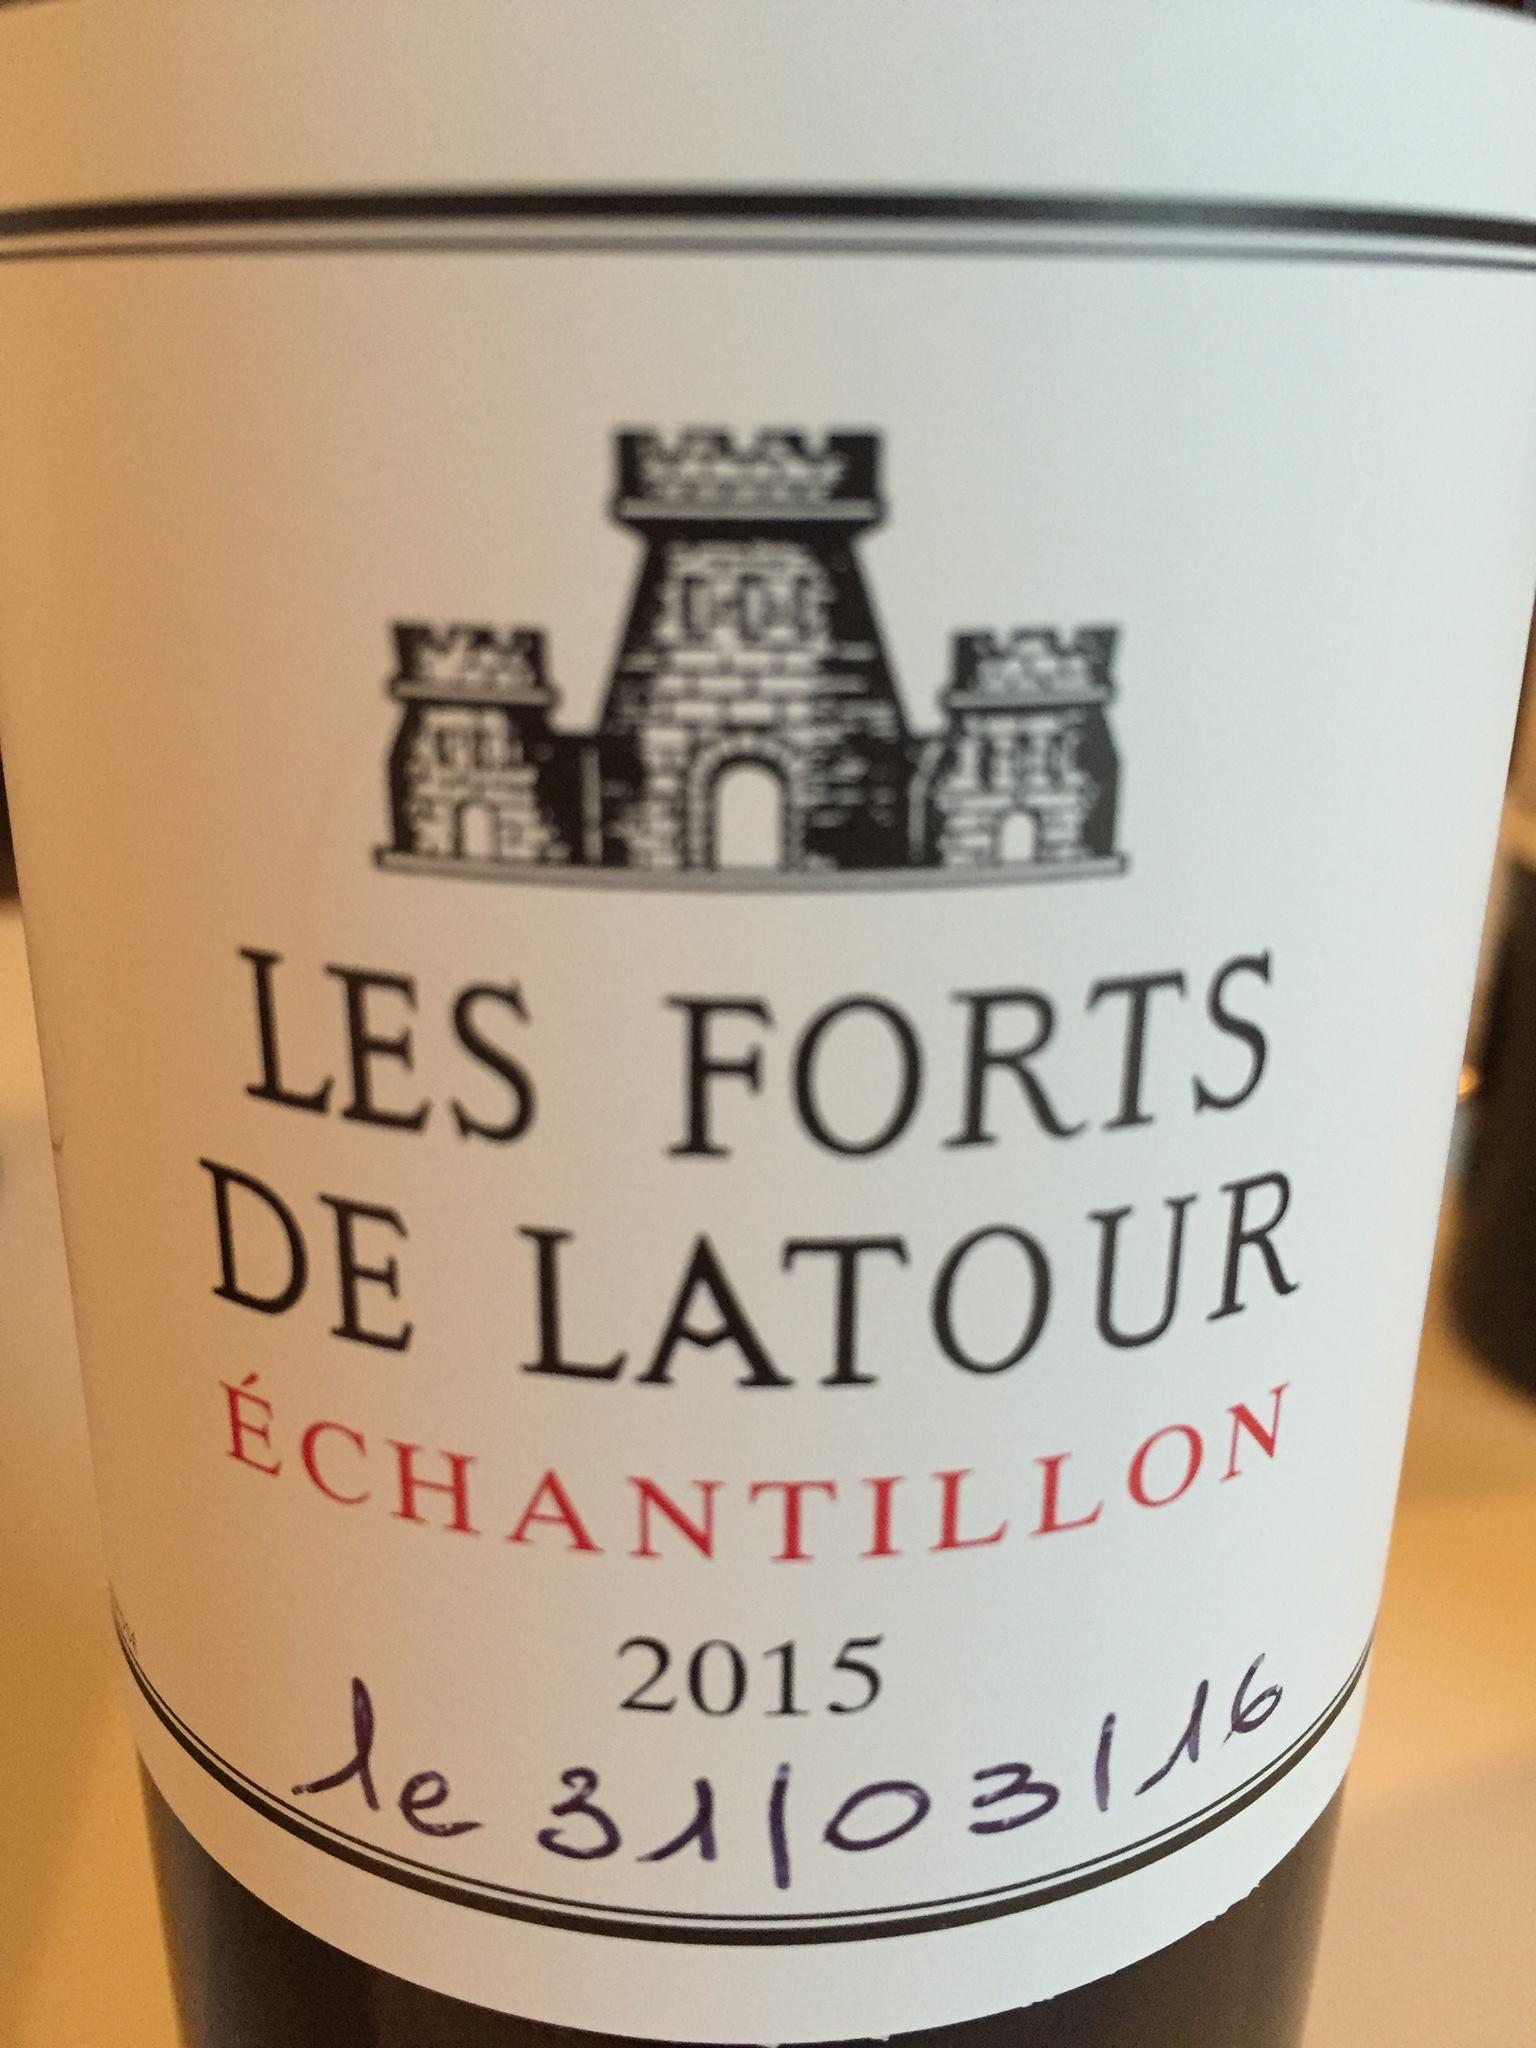 Les Forts de Latour 2015 – Pauillac